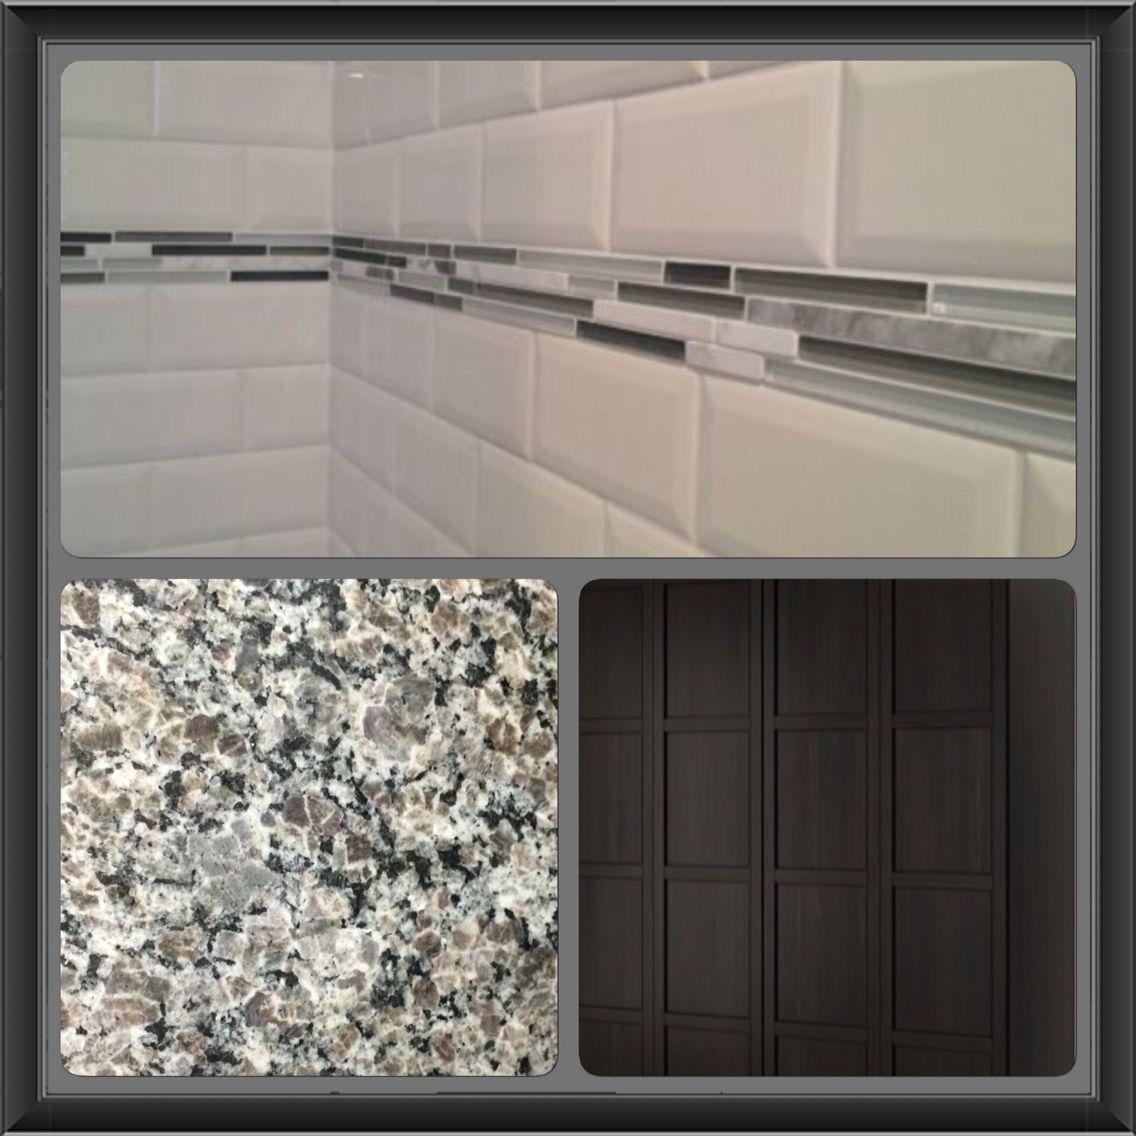 Caledonia Granite Kitchen New Caledonia Granite Espresso Cabinets White Subway Tile With